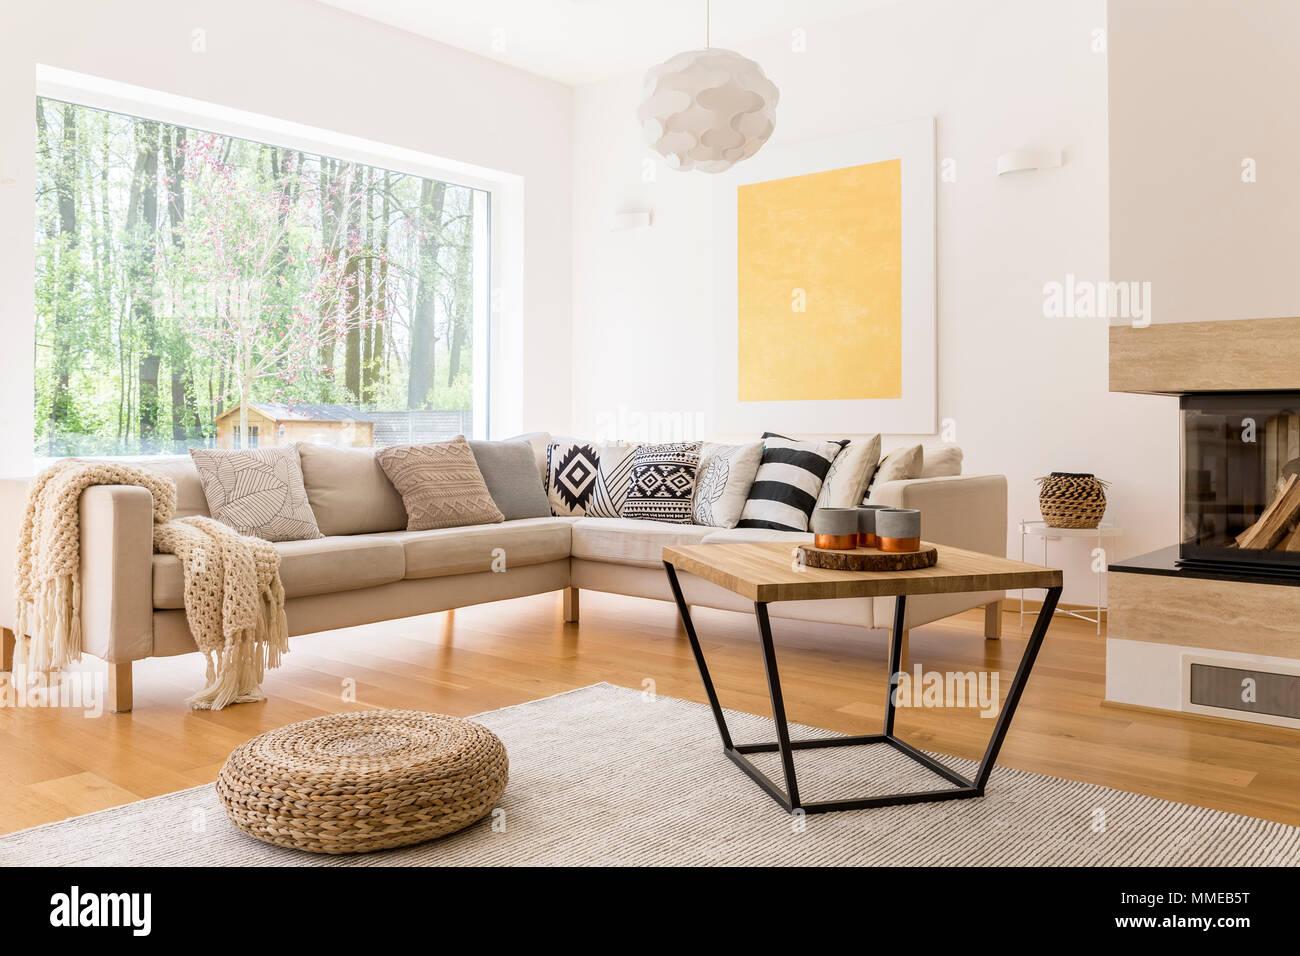 https www alamyimages fr table basse en bois et blanc canape confortable dans le salon moderne de image184712916 html